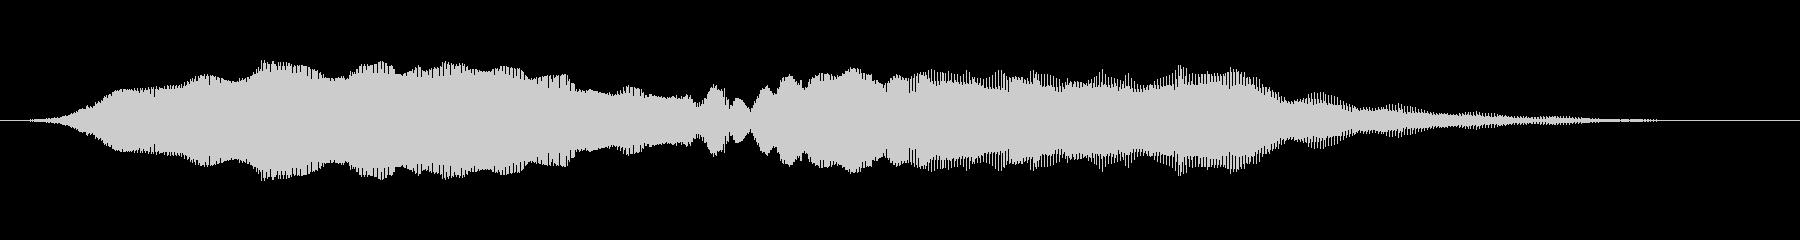 音がゆっくり大きくなる不気味な音の未再生の波形